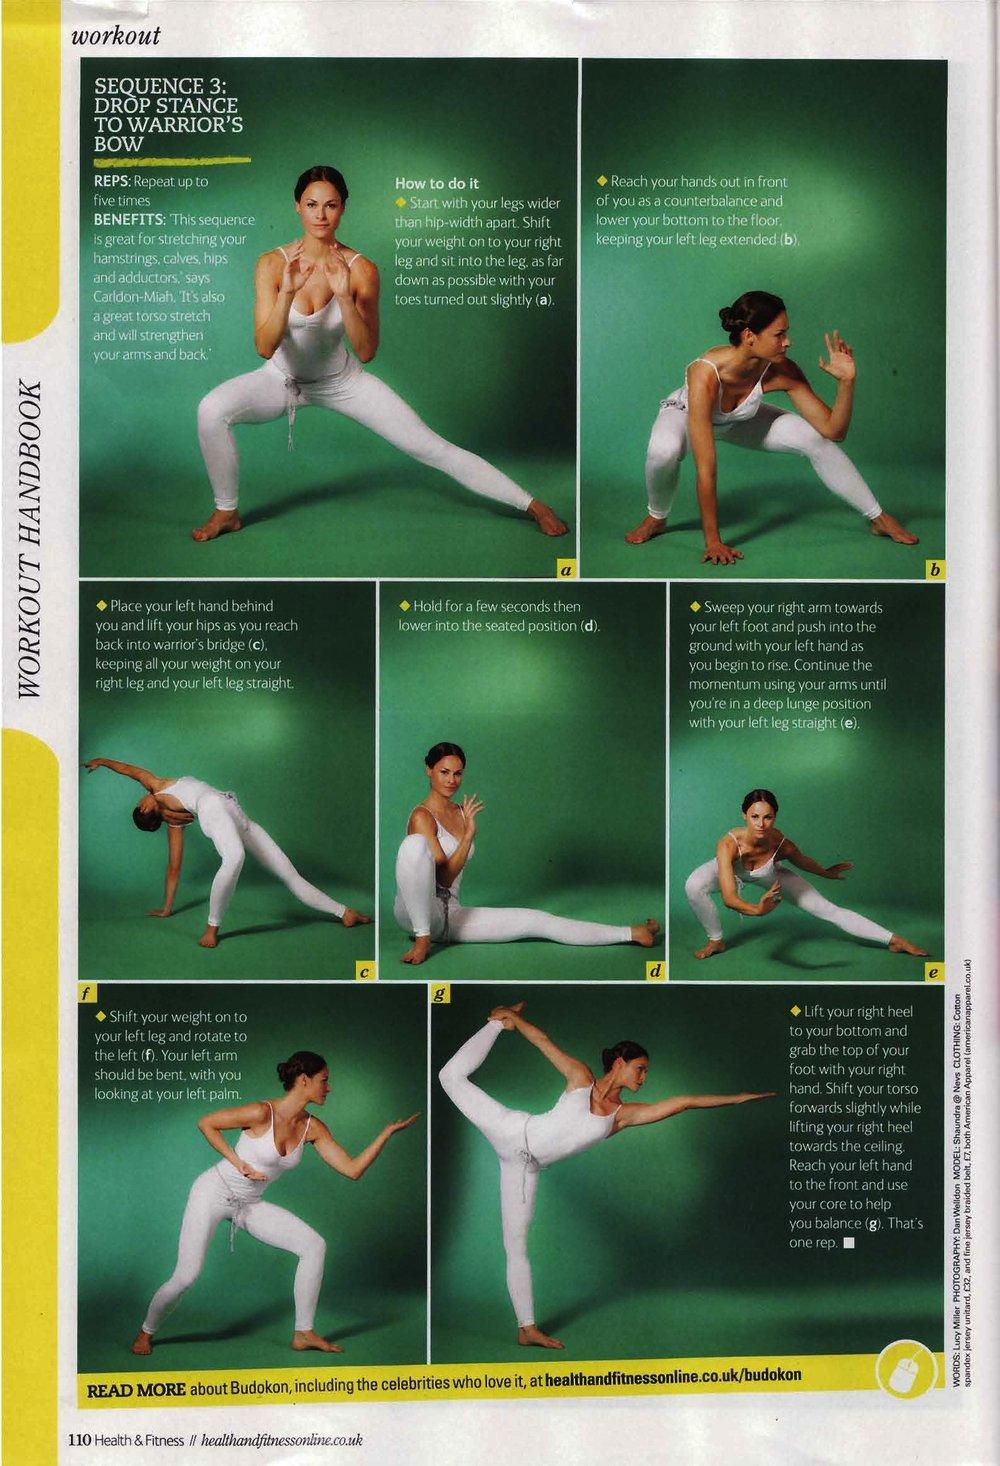 HealthAndFitness_Oct2011_Page_6.jpg